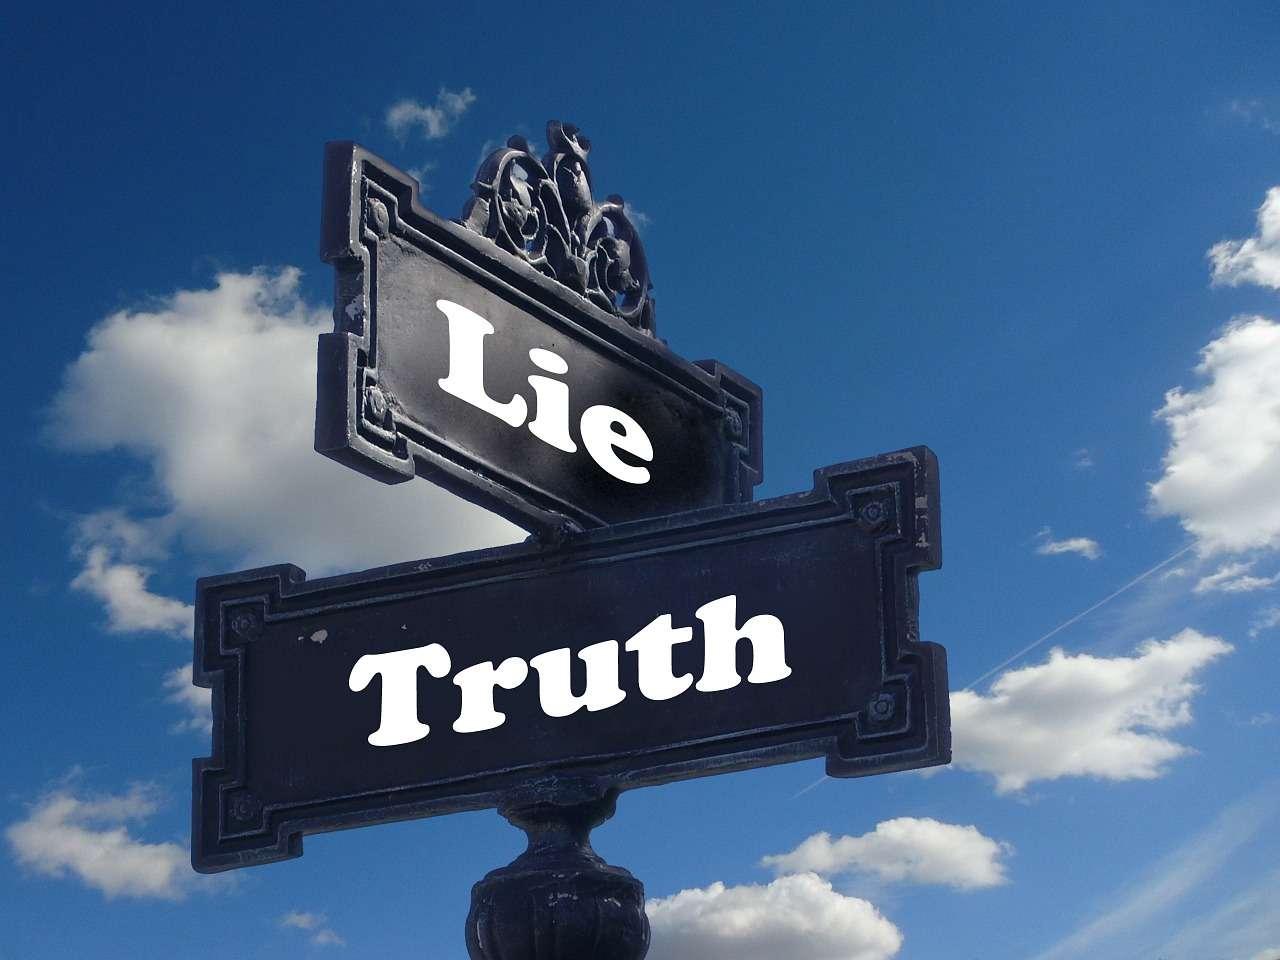 Détecter le mensonge n'est pas toujours une tâche aisée et nous le faisons mal lorsque nous y réfléchissons. En revanche, notre subconscient nous aide bien mieux à saisir la vérité. © Geralt, www.pixabay.com, DP